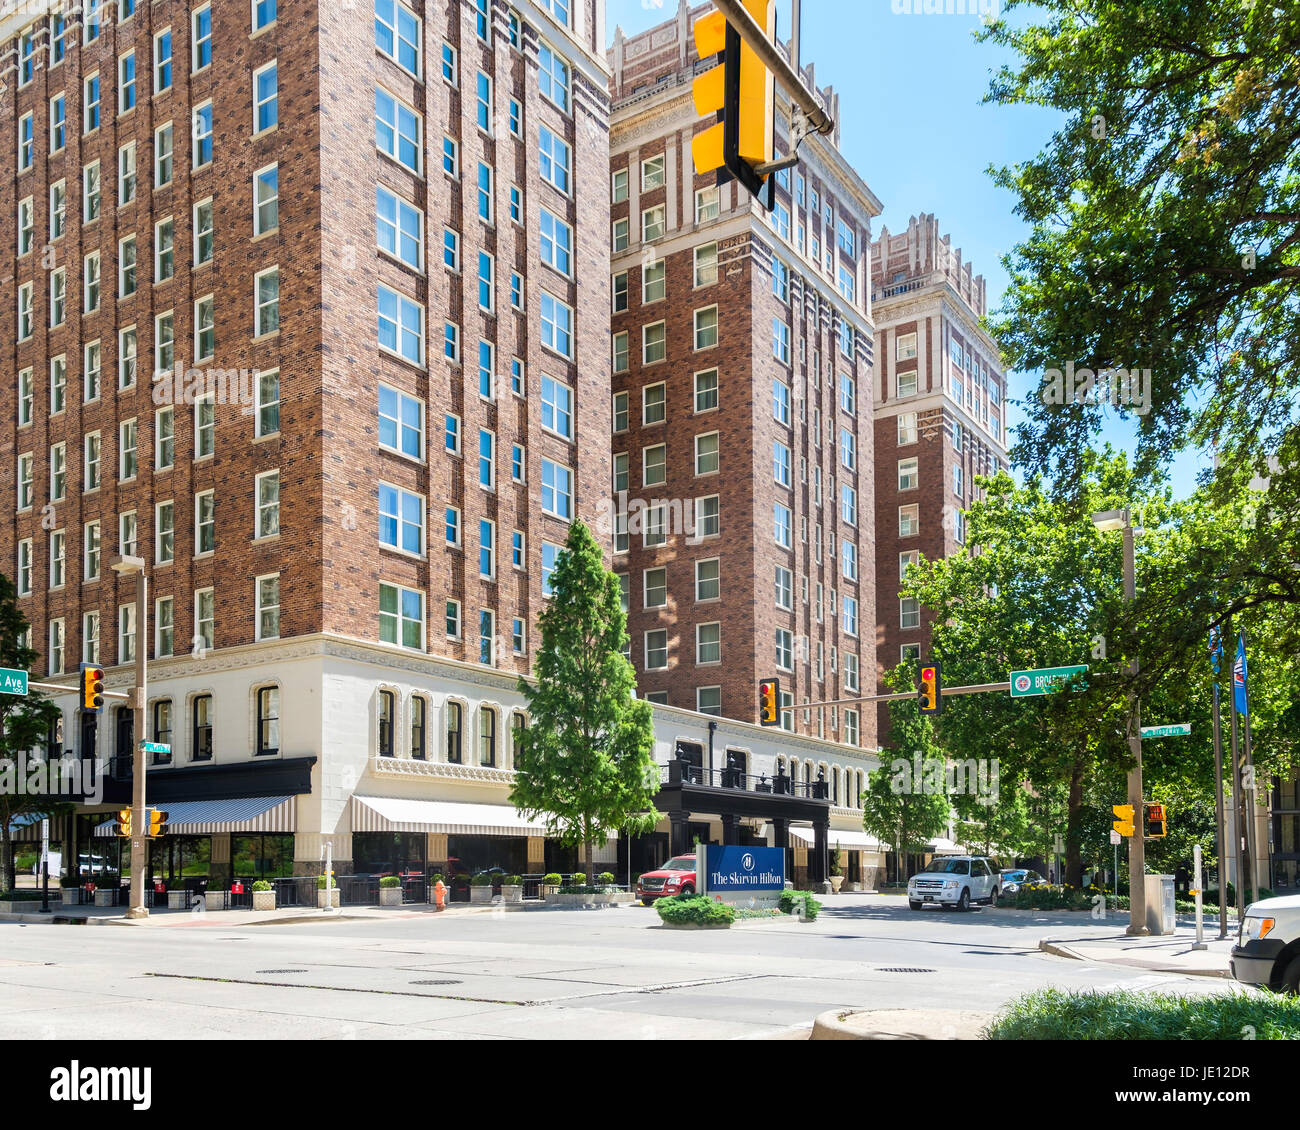 Hilton Hotels Oklahoma City